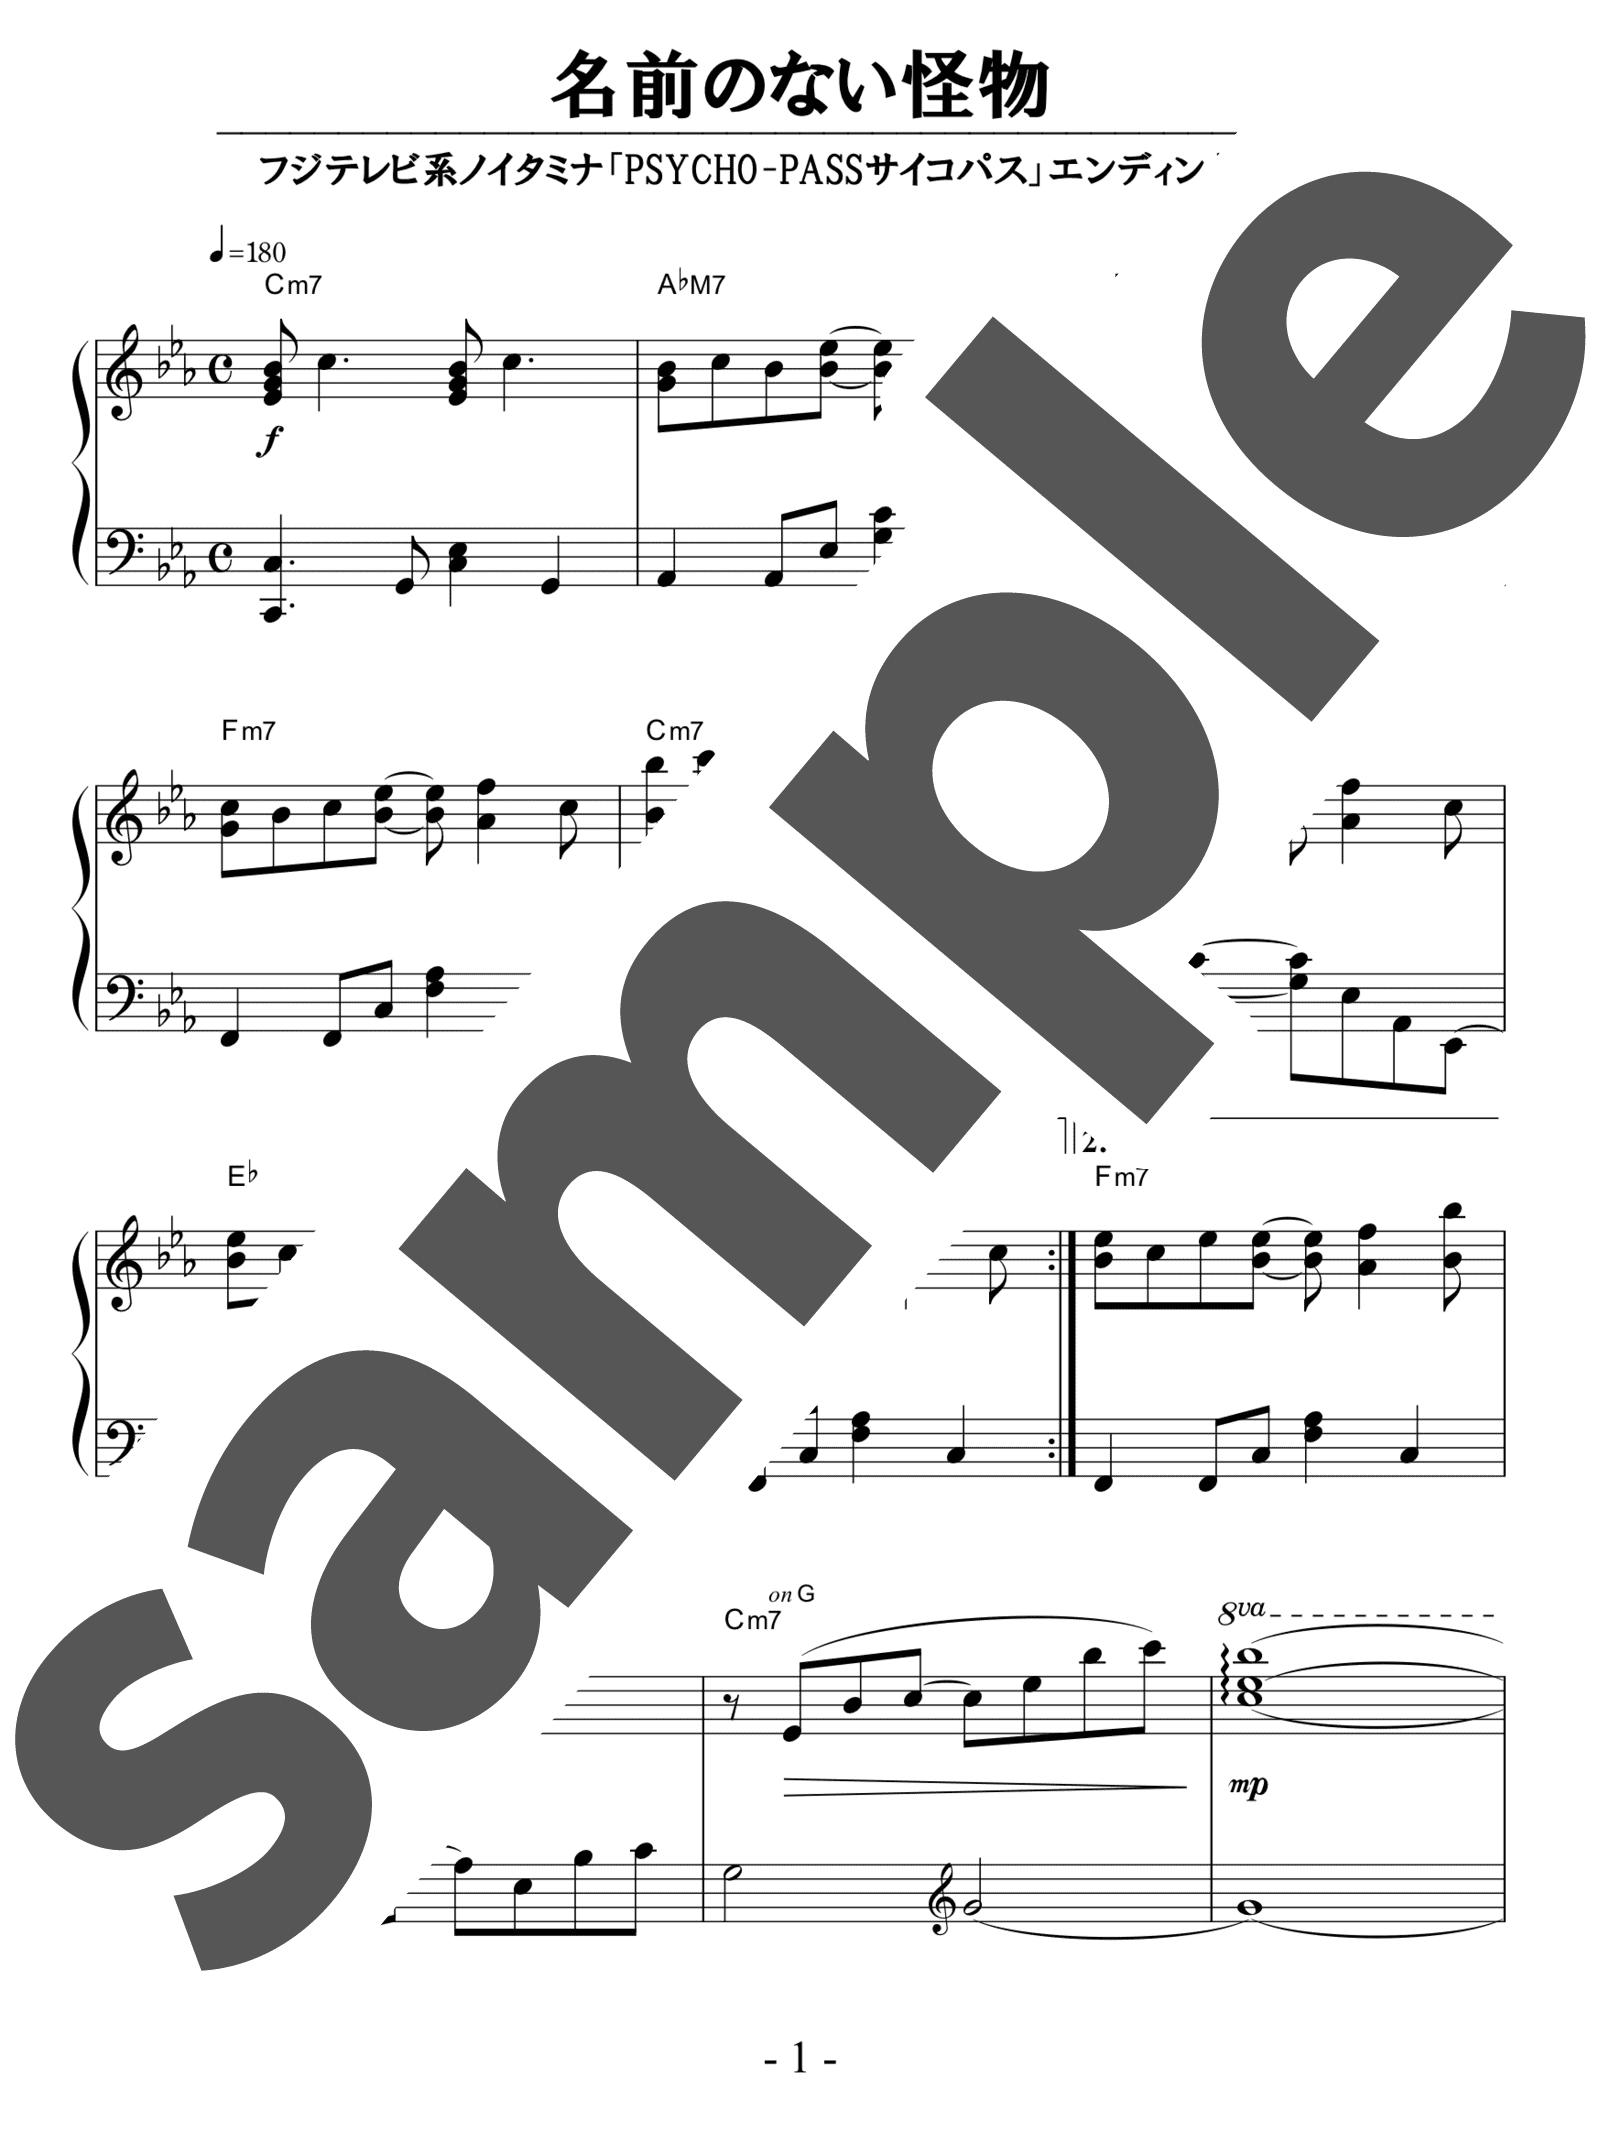 「名前のない怪物」のサンプル楽譜